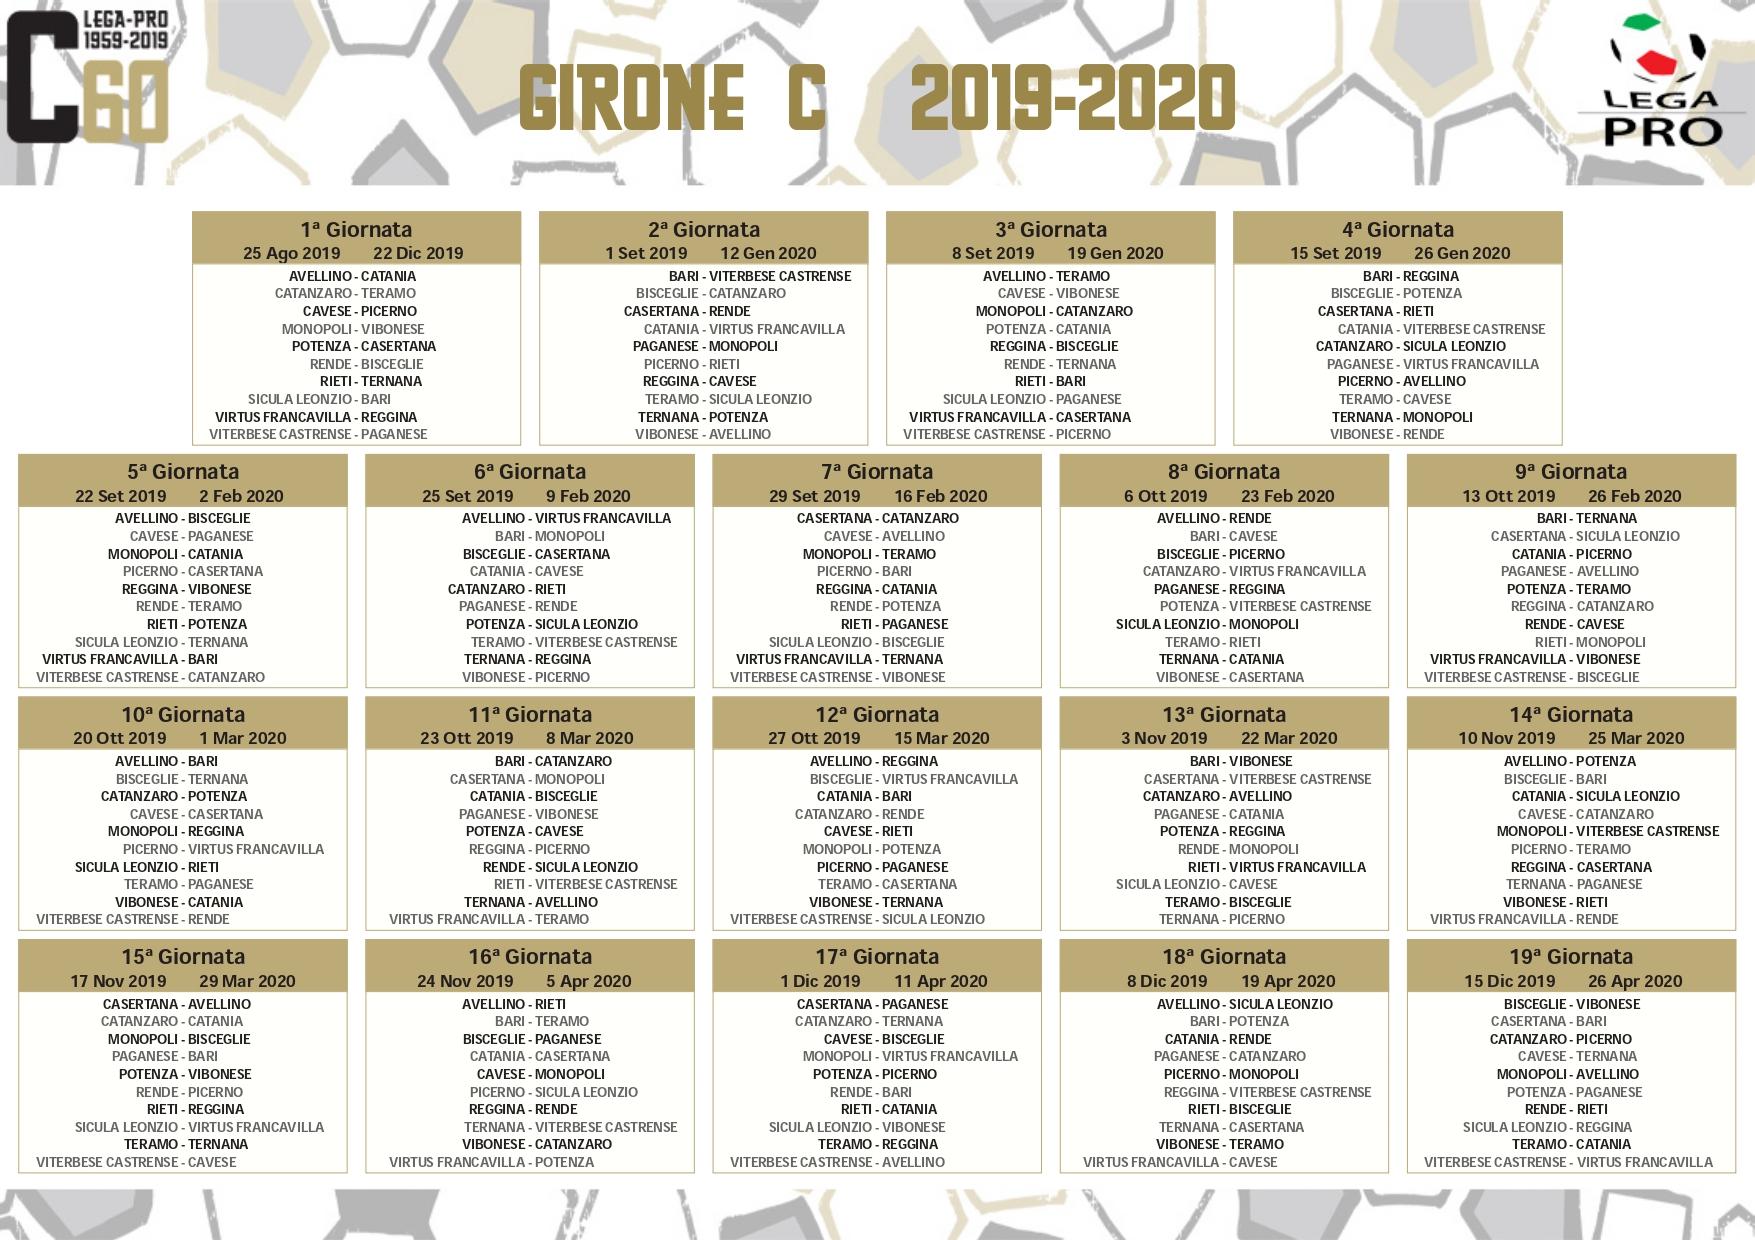 Novembre 2020 Calendario.Calendari C Bisceglie Calcio Debutto Esterno Contro Rende